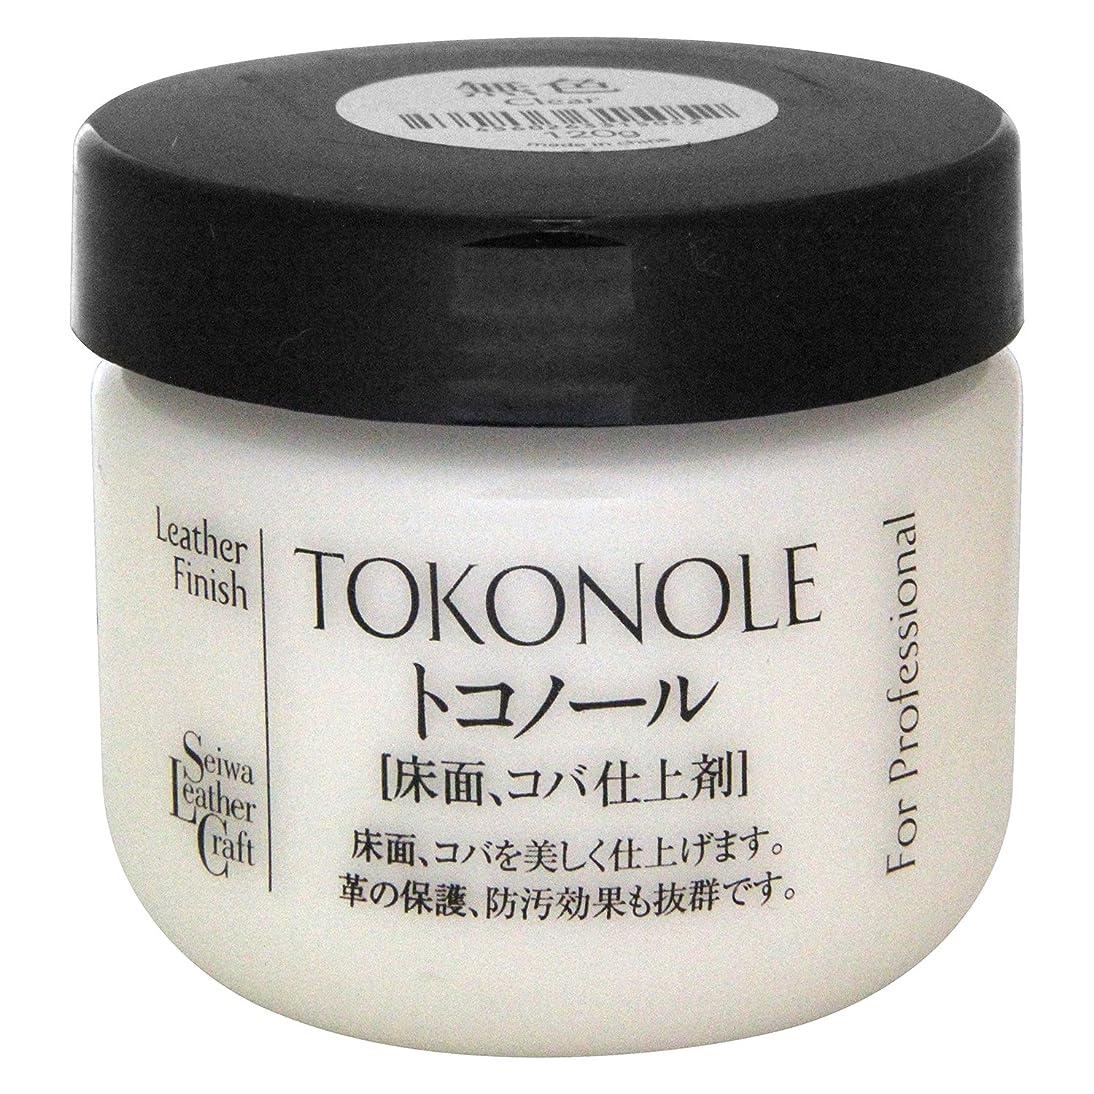 Seiwa Tokonole Leather Finish Burnishing Gum Clear Leathercraft (120g)